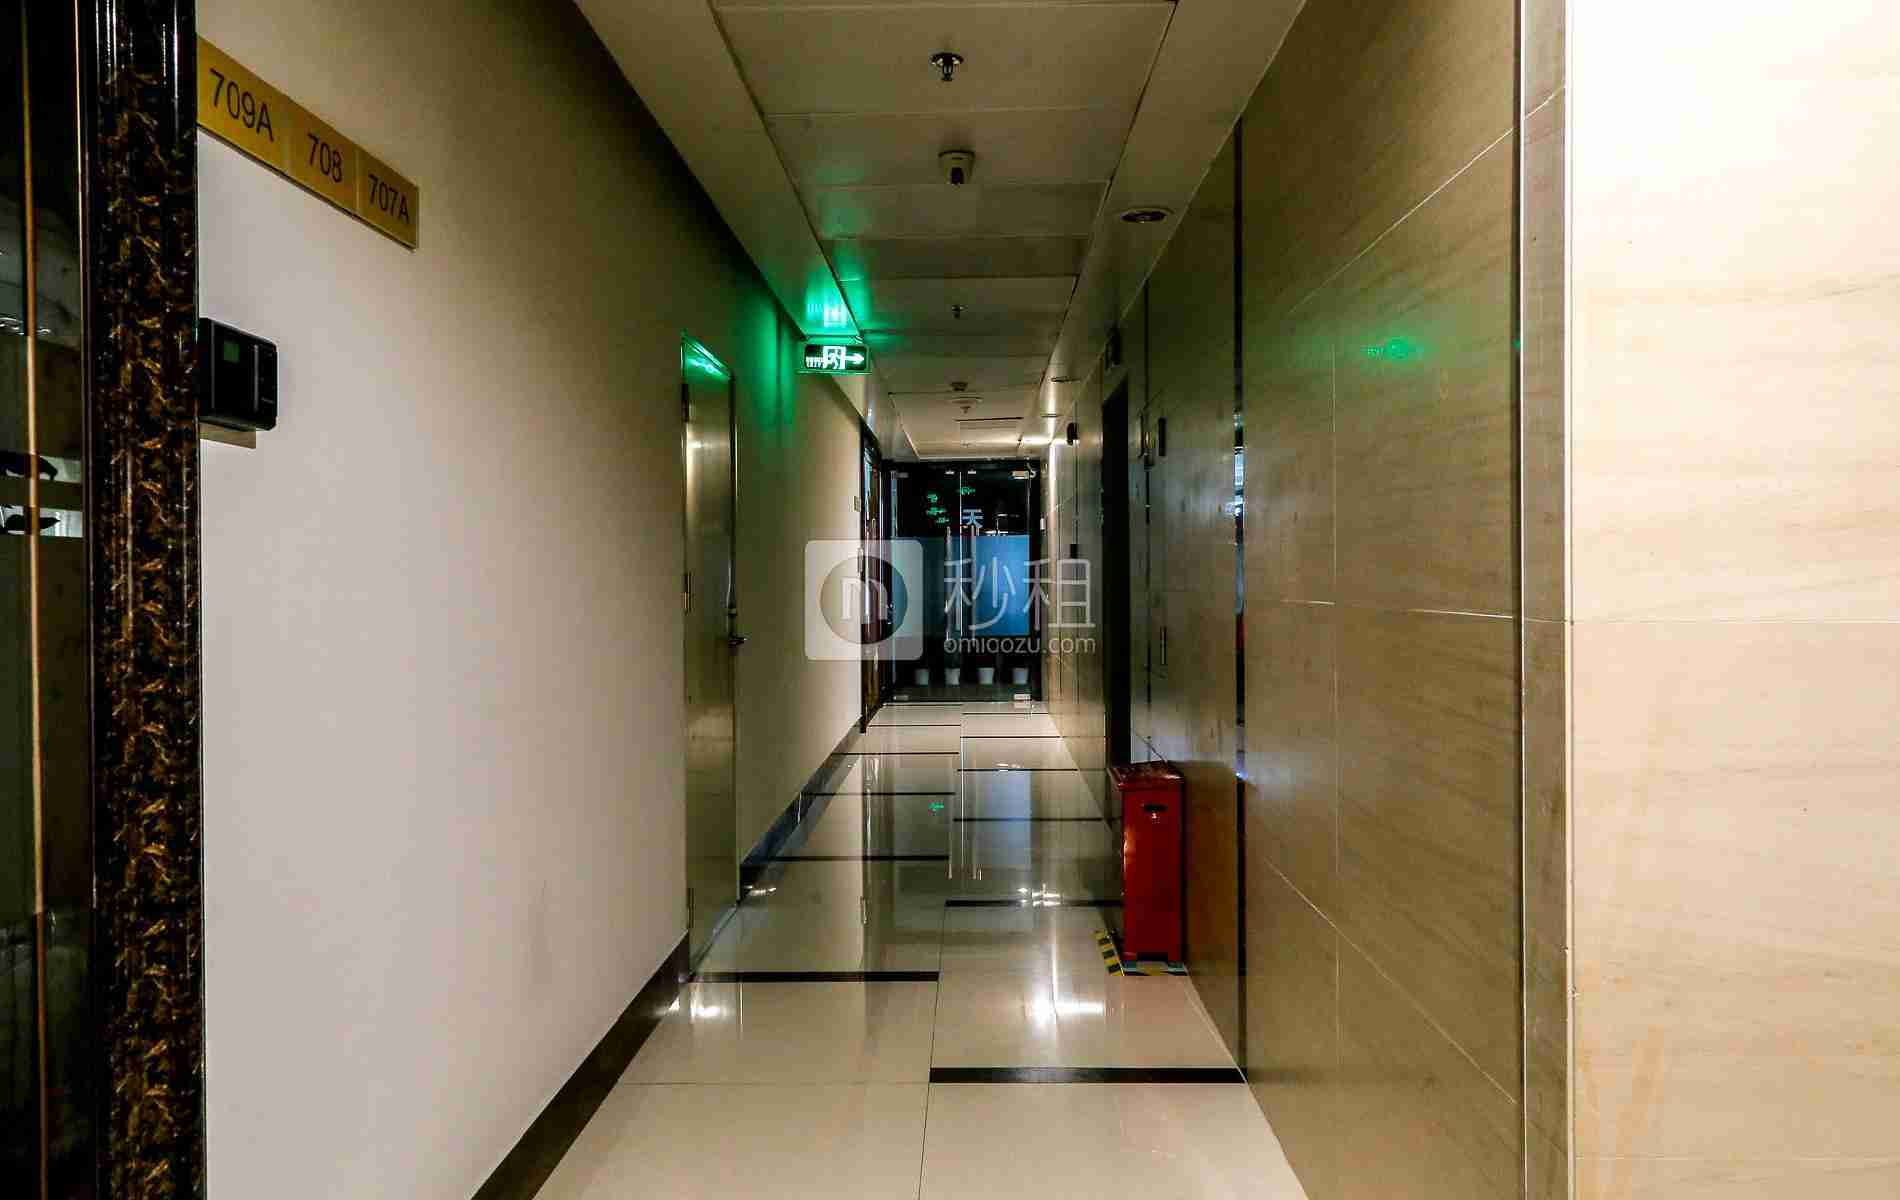 中央西谷大厦写字楼出租/招租/租赁,中央西谷大厦办公室出租/招租/租赁